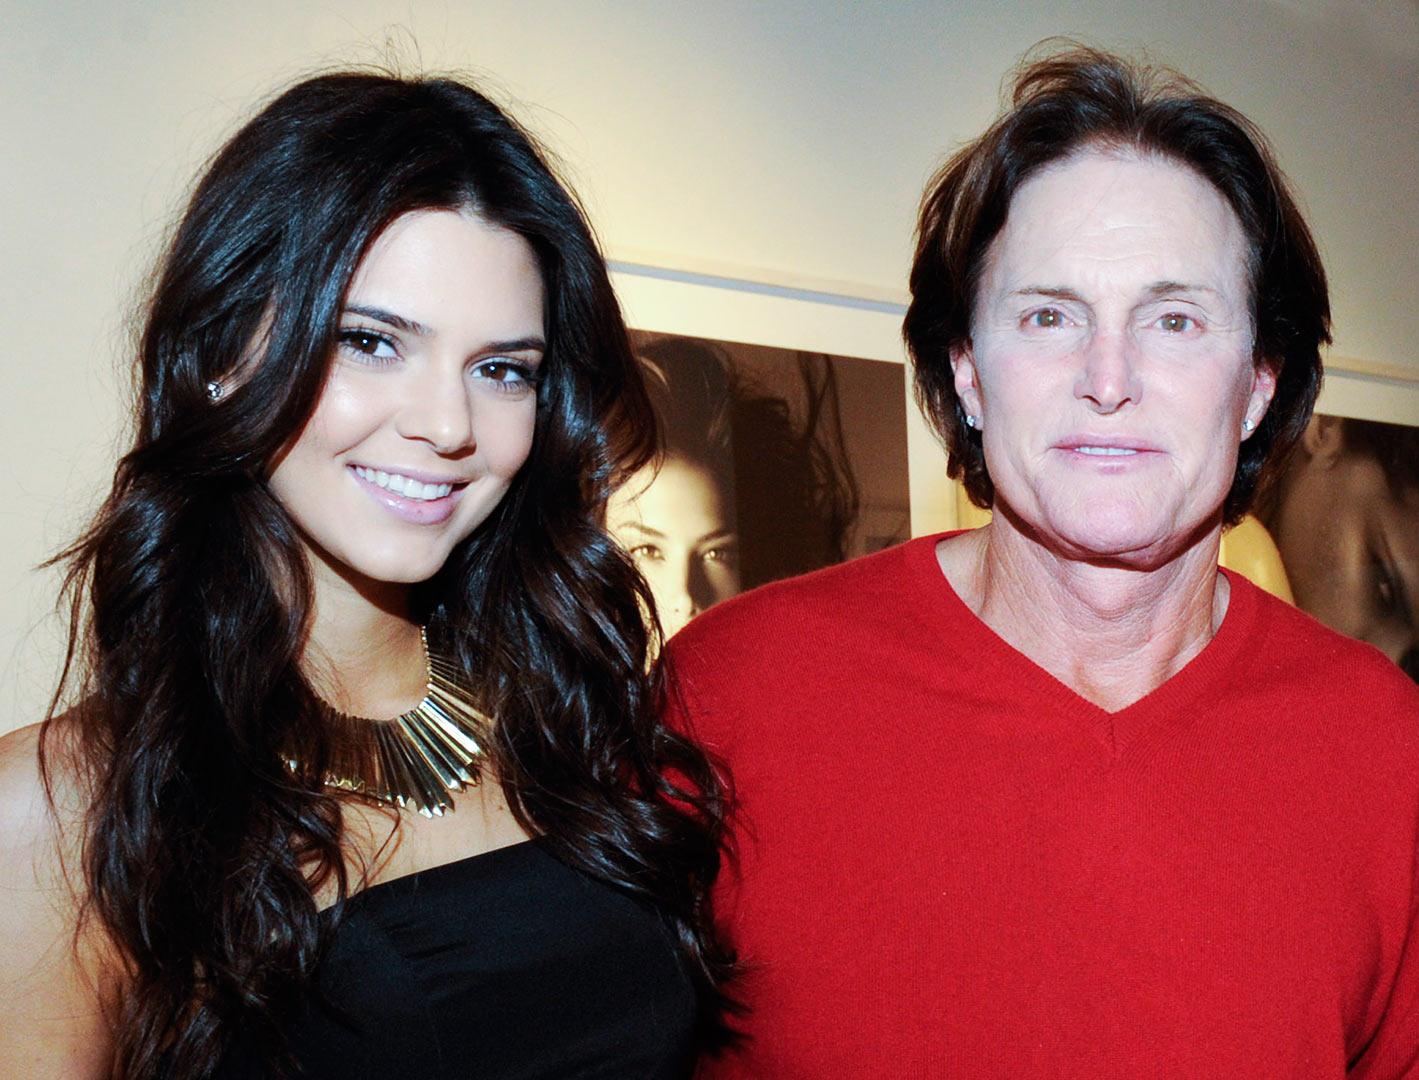 Kendall Jenner, Caitlyn Jenner, Bruce Jenner